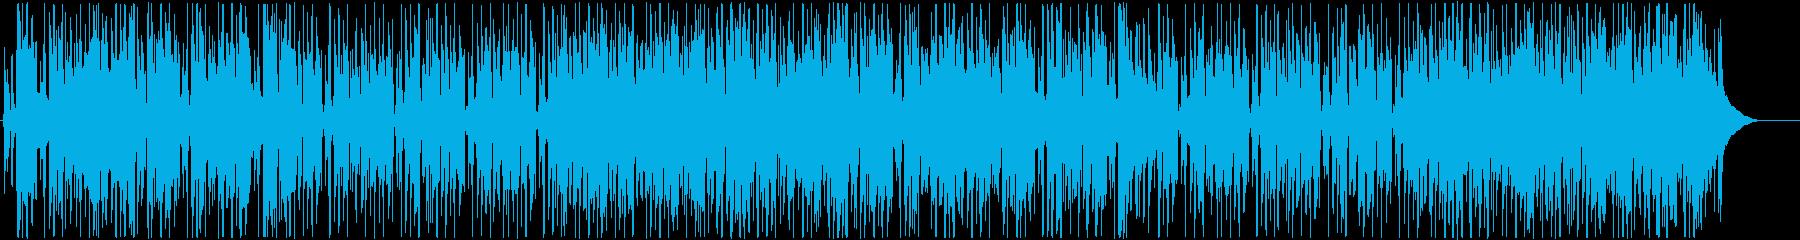 レゲエ、トロピカル、南国、海、ギターの再生済みの波形